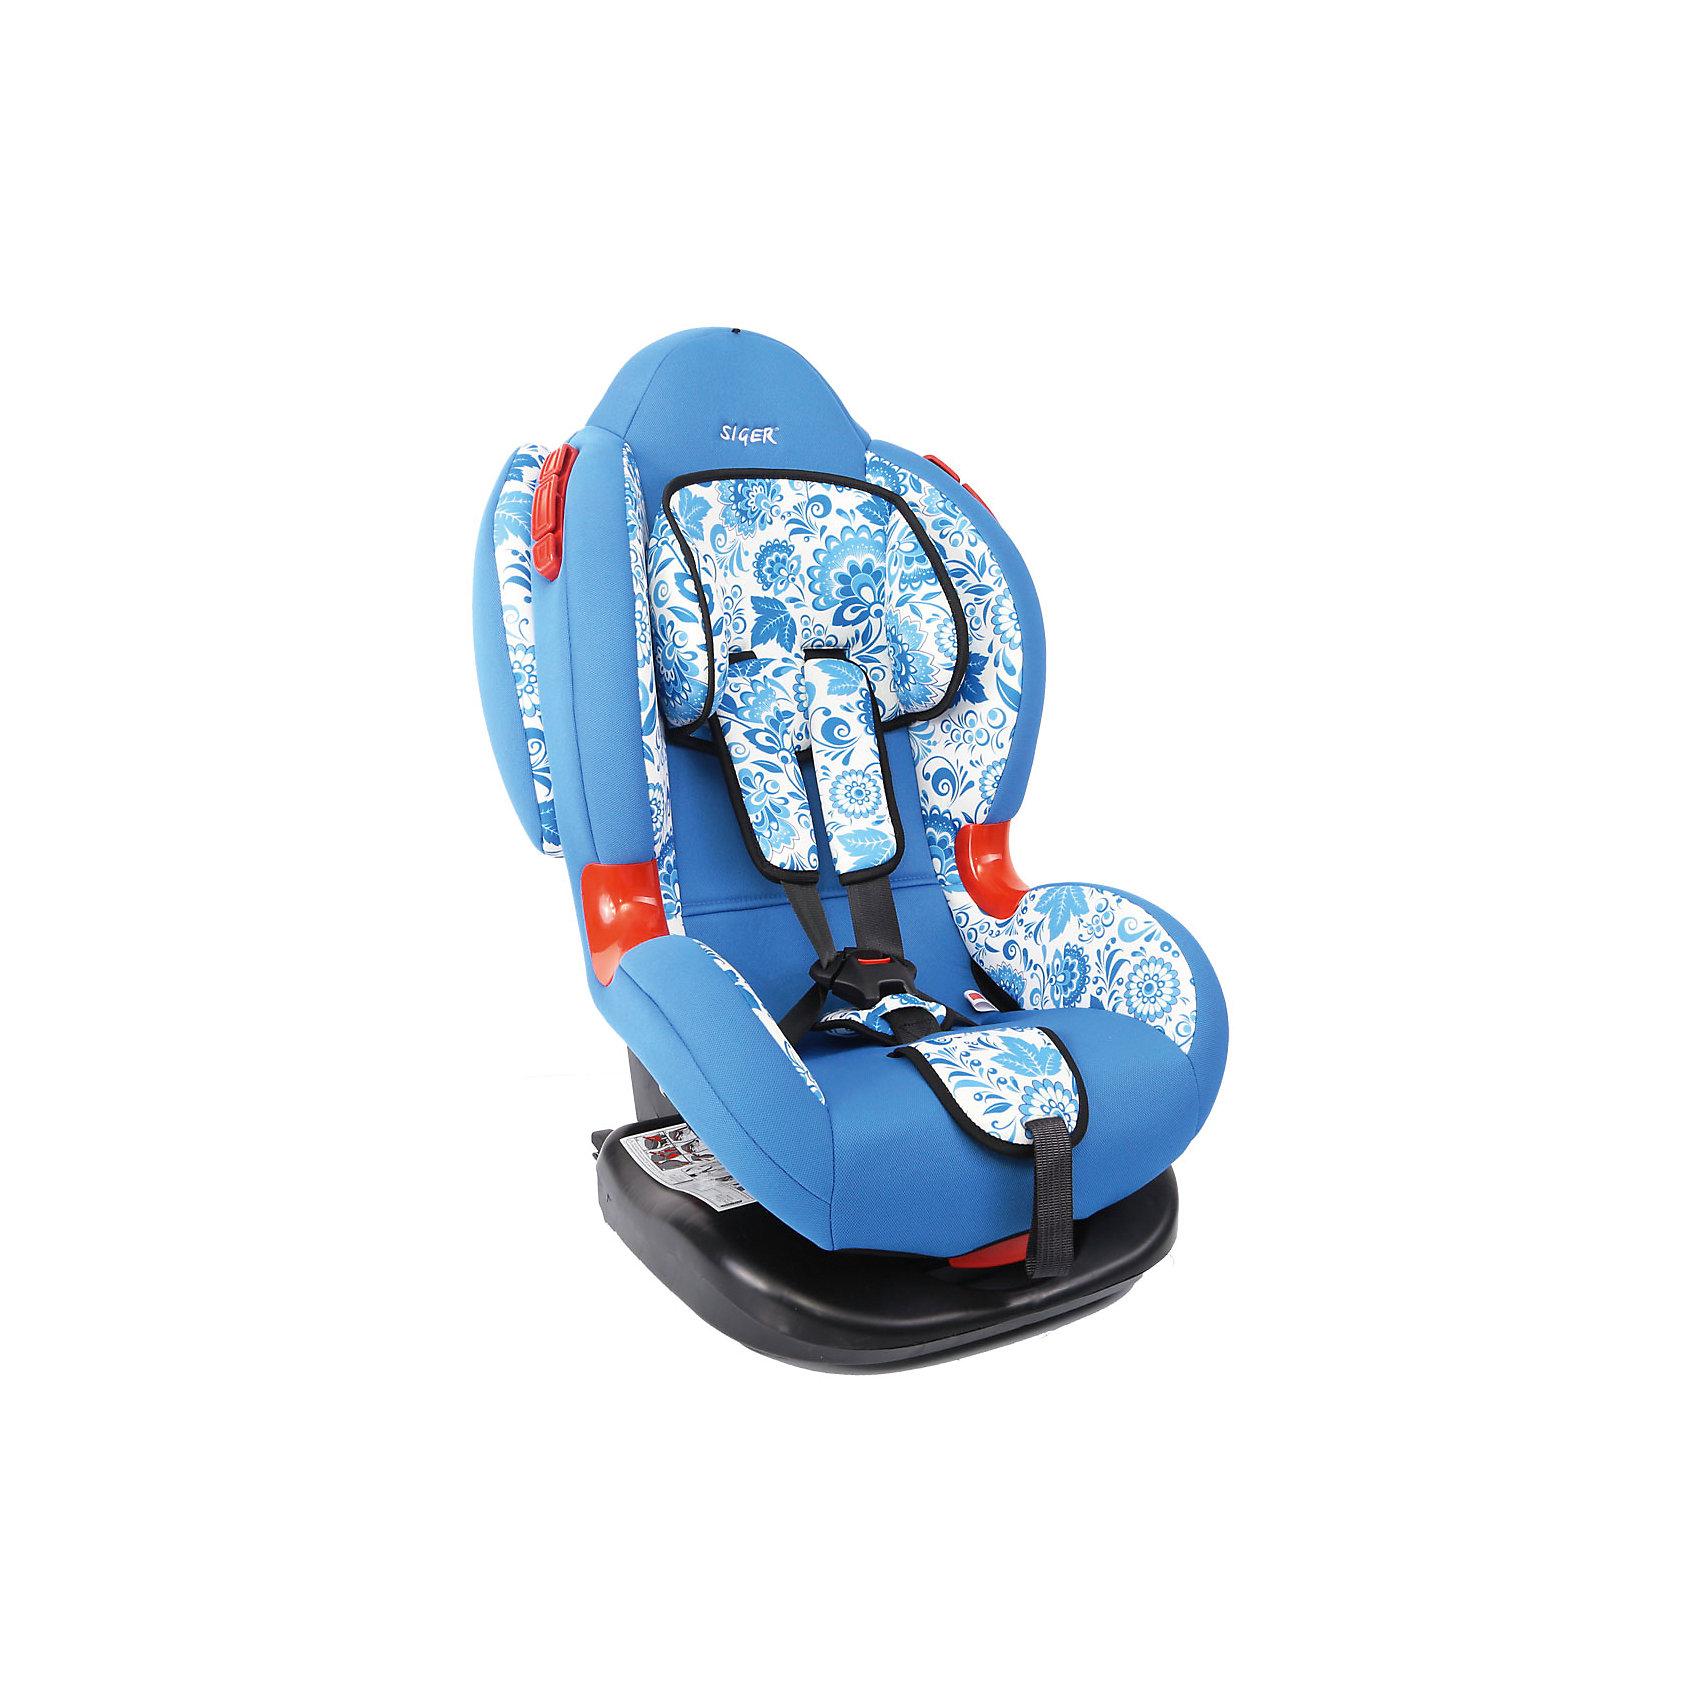 Автокресло Siger Кокон Art Isofix, 9-25 кг, гжельАвтокресла с креплением Isofix<br>Автокресло Siger ART ISOFIX предназначено для перевозки детей от года до 7 лет и с весом от 9 до 25 кг. 5-точечные ремни безопасности правильно и надежно фиксируют ребенка. Для большего комфорта предусмотрены плечевые накладки, мягкий подголовник и регулируемая ортопедическая спинка. Возможно крепление штатными ремнями автомобиля и при помощи системы Isofix. Кресло с оригинальным дизайном принесет море удовольствия и обеспечит максимальную безопасность во время поездки!<br><br>Особенности:<br>-5-точечные ремни безопасности с мягкими плечевыми накладками<br>-дополнительная защита от боковых ударов<br>-регулируемая ортопедическая спинка<br>-чехол из мягких гипоаллергенных тканей снимается для стирки<br><br>Дополнительная информация: <br>Крепление: система Isofix/штатные ремни автомобиля по ходу движения<br>Цвет: синий/гжель<br>Размер: 46,5 x 78 x 42,8 см<br>Вес: 6,8 кг<br>Автокресло Siger ART ISOFIX можно купить в нашем интернет-магазине.<br><br>Ширина мм: 505<br>Глубина мм: 490<br>Высота мм: 780<br>Вес г: 8400<br>Возраст от месяцев: 12<br>Возраст до месяцев: 84<br>Пол: Унисекс<br>Возраст: Детский<br>SKU: 3999739